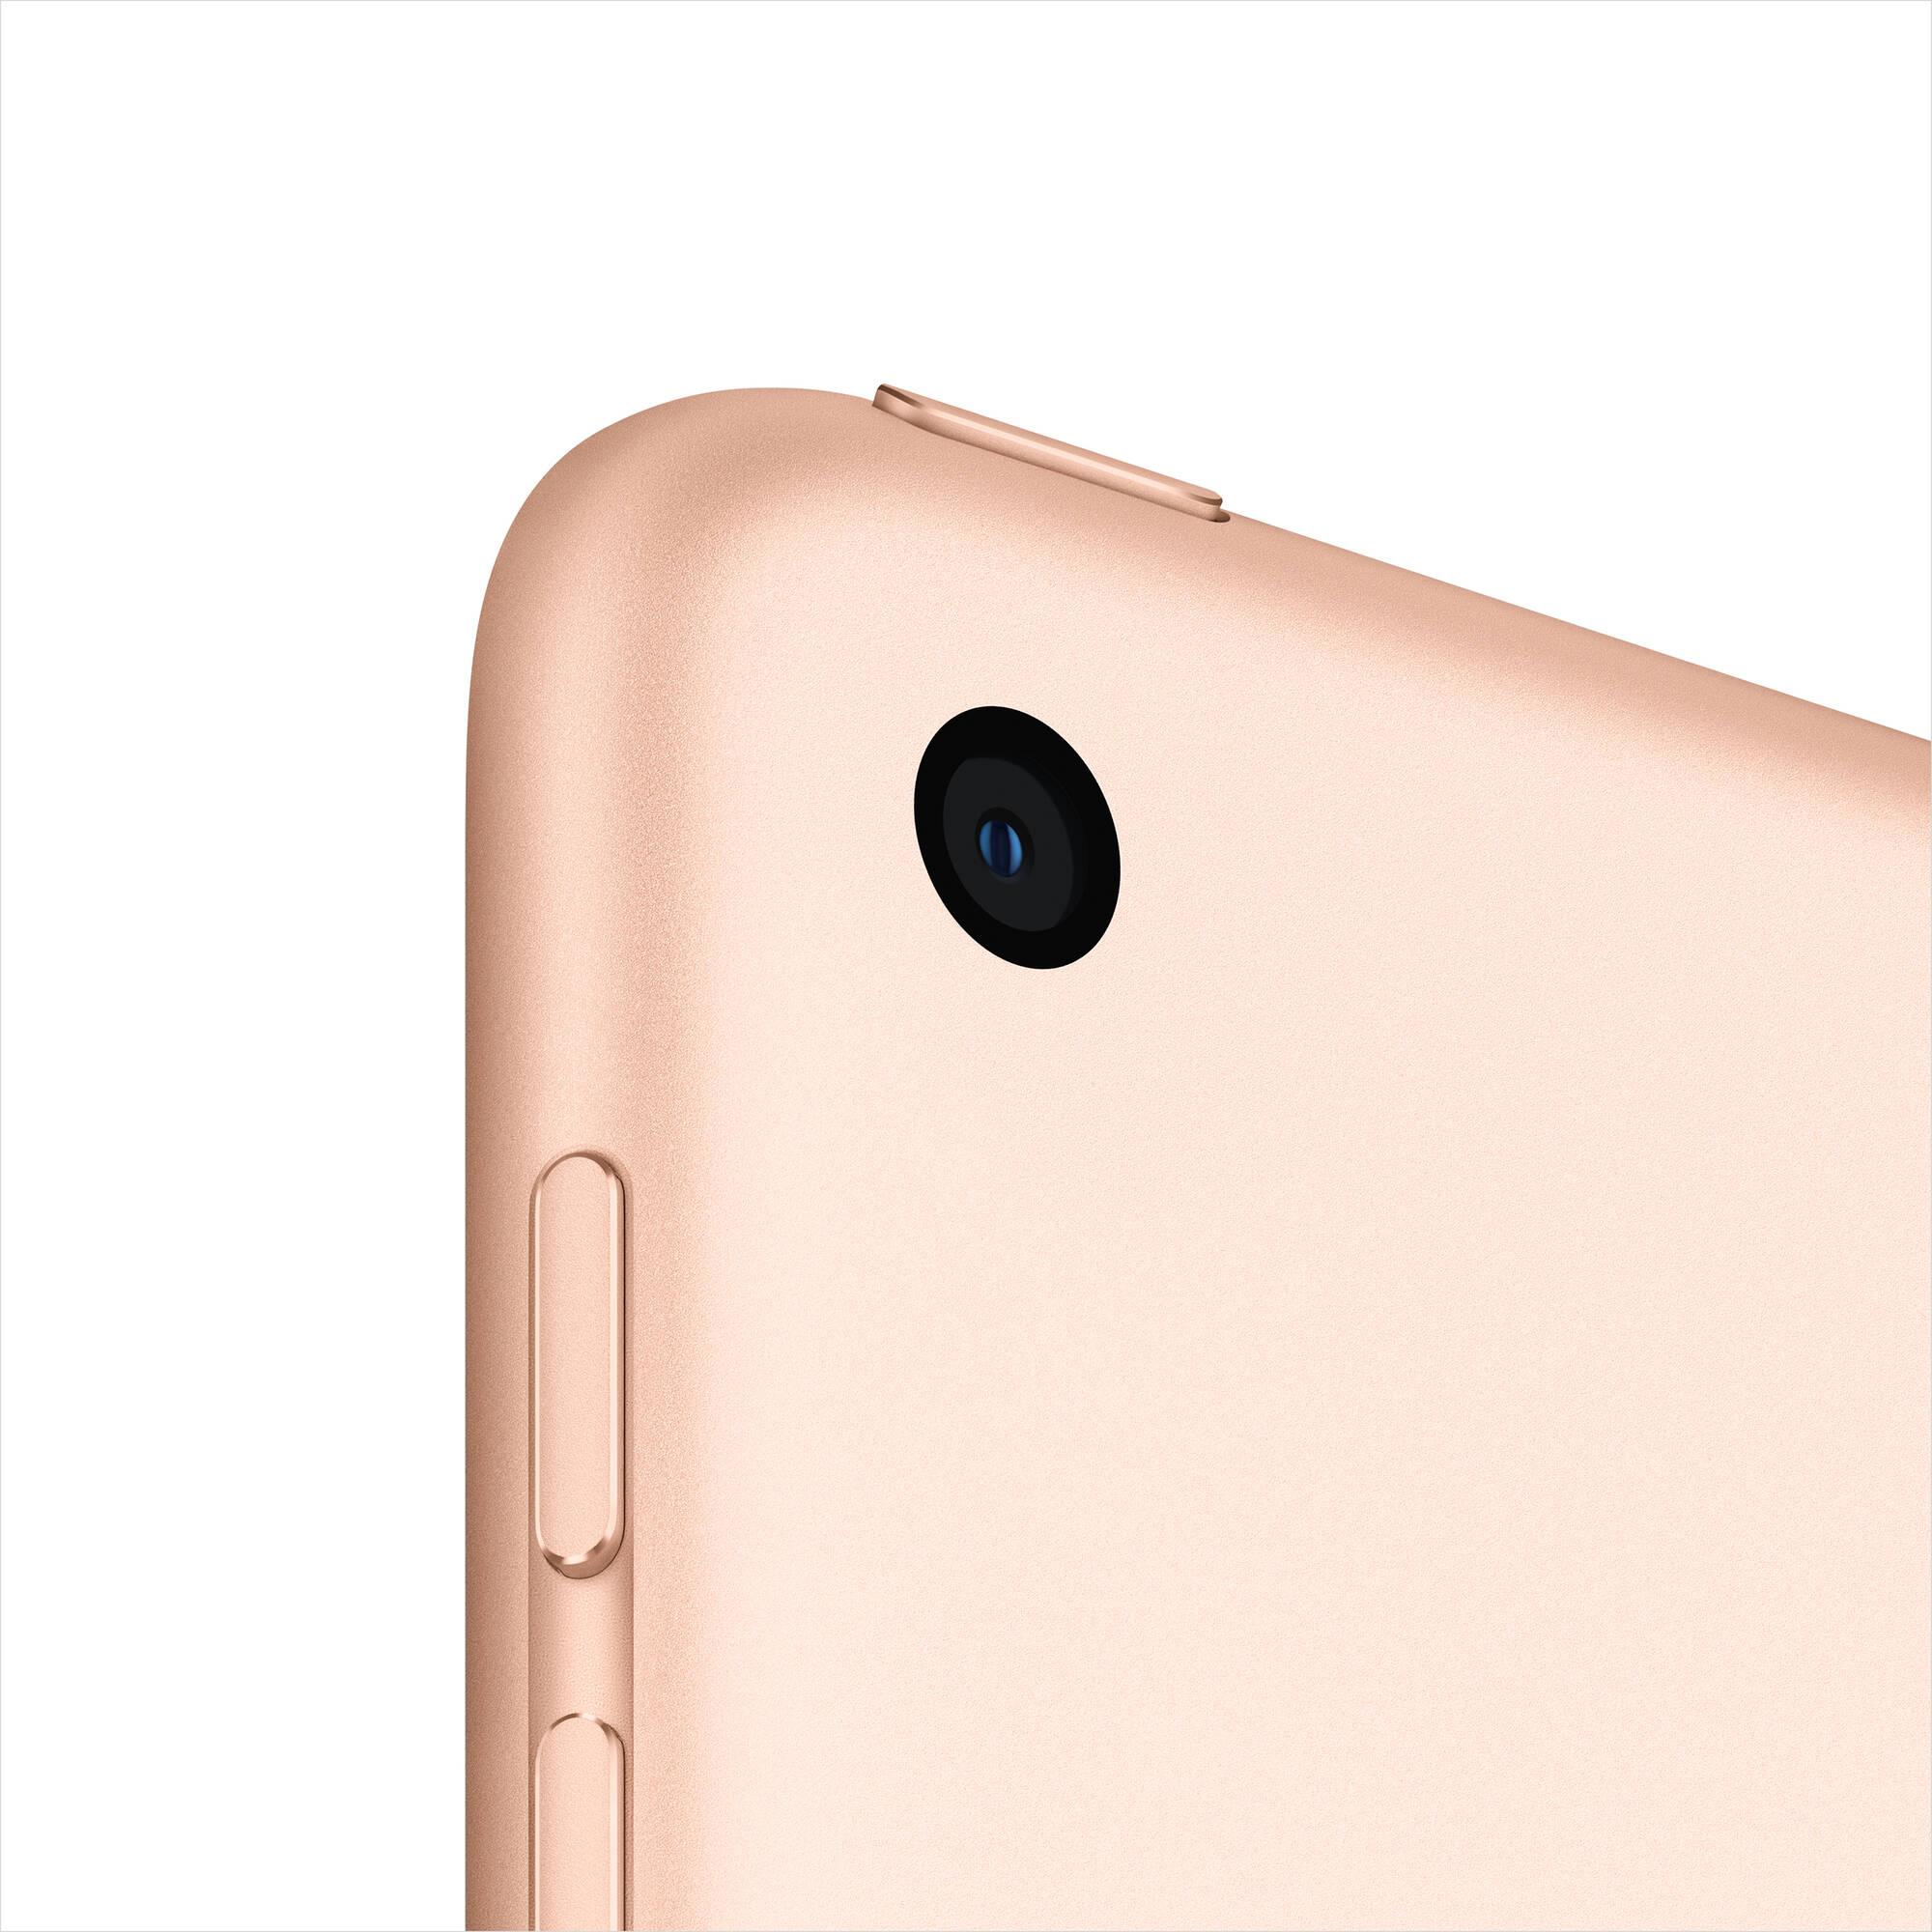 تبلت اپل مدل iPad 10.2 inch 2020 WiFi ظرفیت 128 گیگابایت  main 1 5